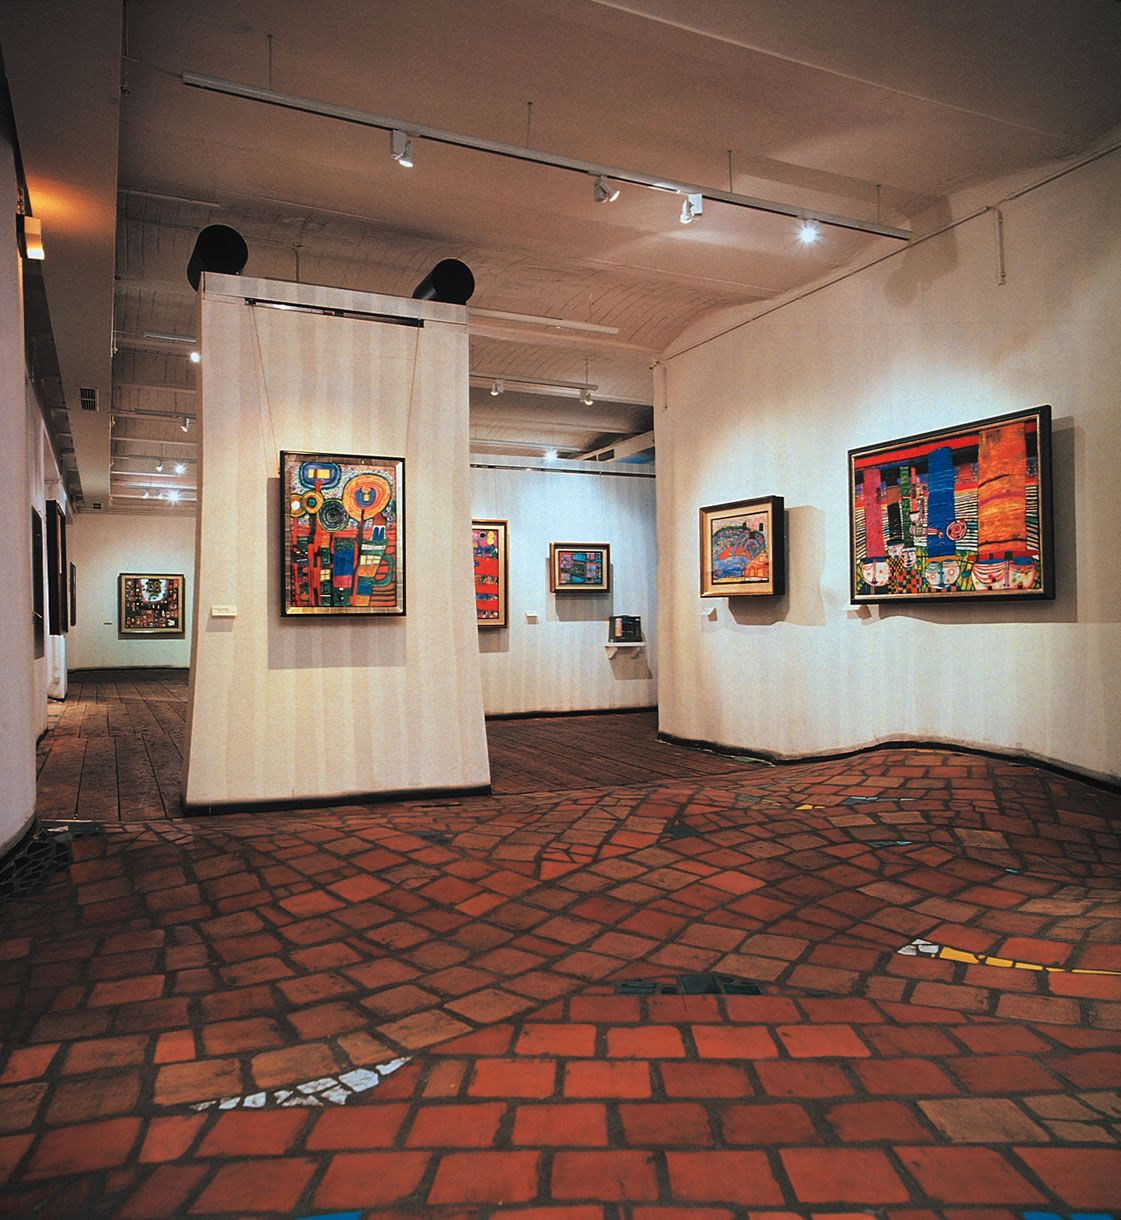 Dorf innenarchitektur experimental art  the uneven floor by hundertwasser  seitig häusi